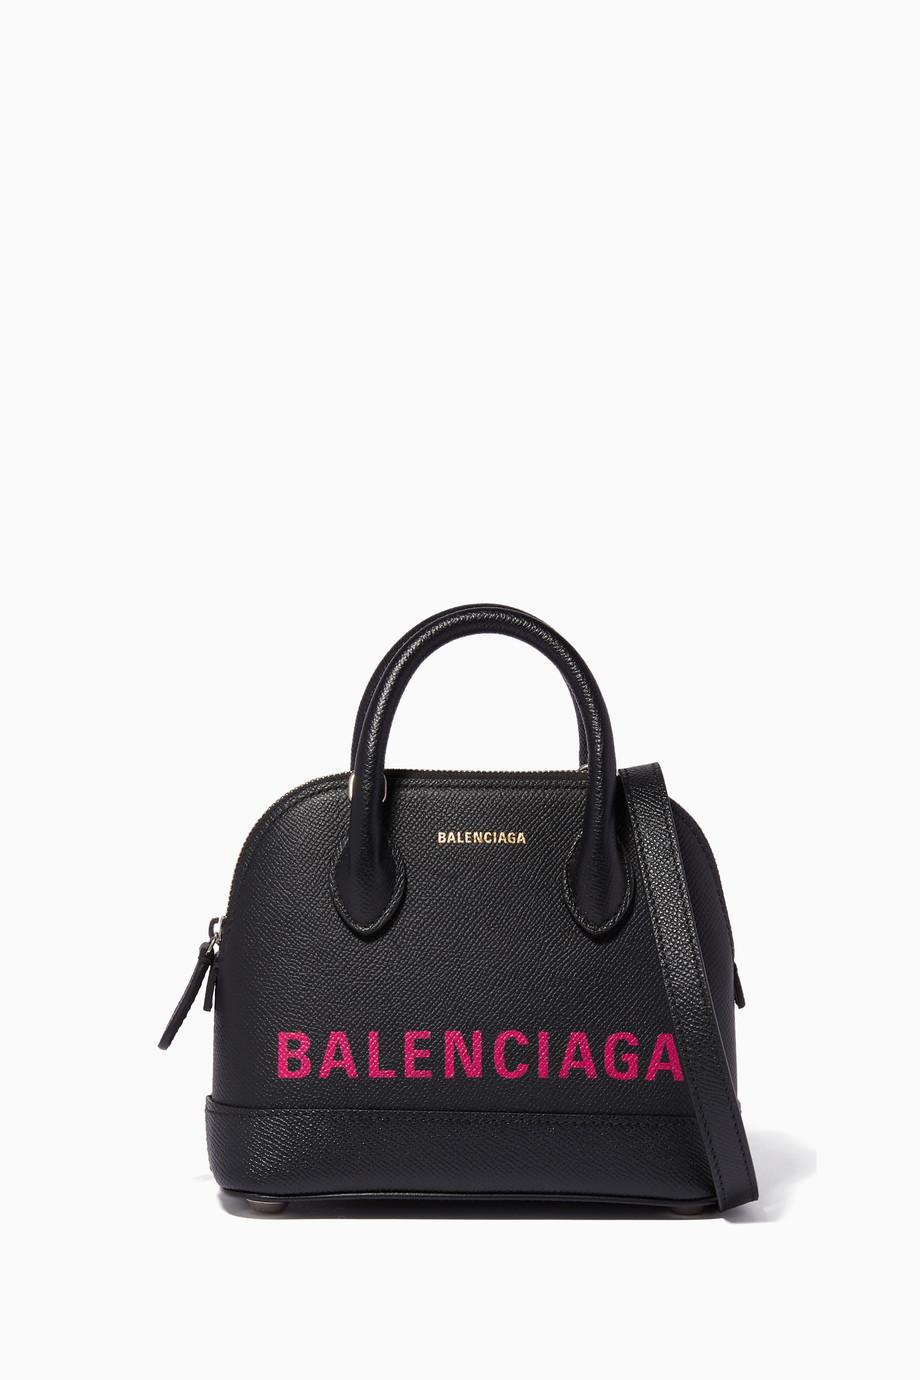 3910c18bb8 Shop Balenciaga Black Black Nano Ville Top-Handle Bag for Women ...